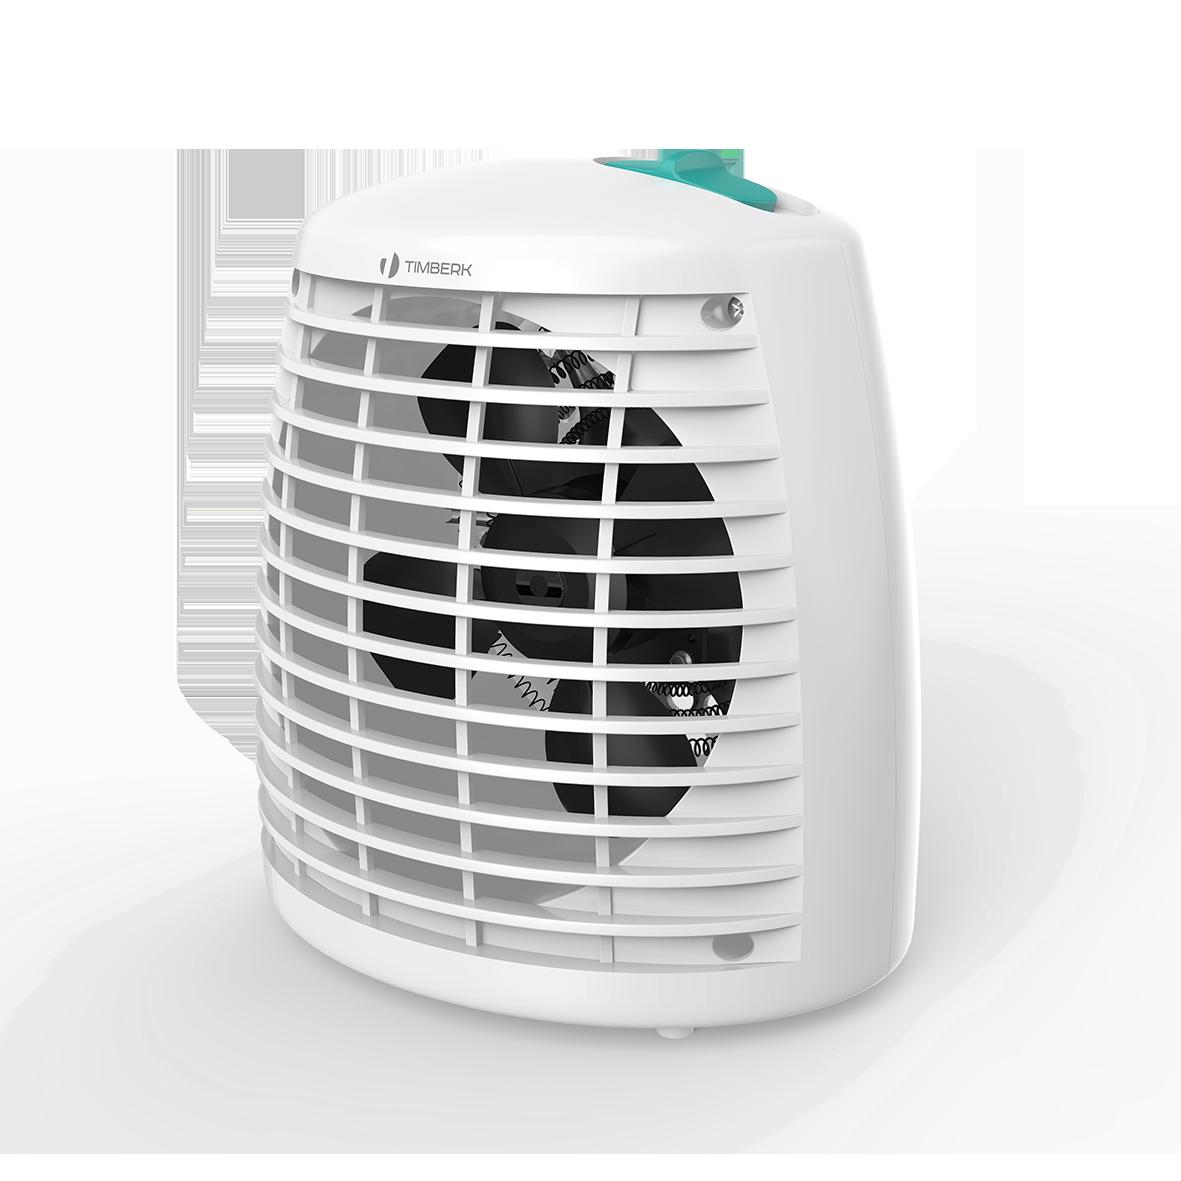 Тепловентилятор Timberk TFH S10MMSОбогреватели<br>Современный авторский дизайн<br>Спиральный нагревательный элемент<br>Скорость нагрева менее 30 секунд<br>Два режима мощности на выбор<br>Датчик защиты от перегрева<br>Идеален для обогрева рабочего места<br><br>Тип: термовентилятор<br>Тип нагревательного элемента: электрическая спираль<br>Площадь обогрева, кв.м: 12<br>Отключение при перегреве: есть<br>Вентилятор : есть<br>Управление: механическое<br>Ручка для перемещения: есть<br>Габариты: 16.5x18.5x13 см